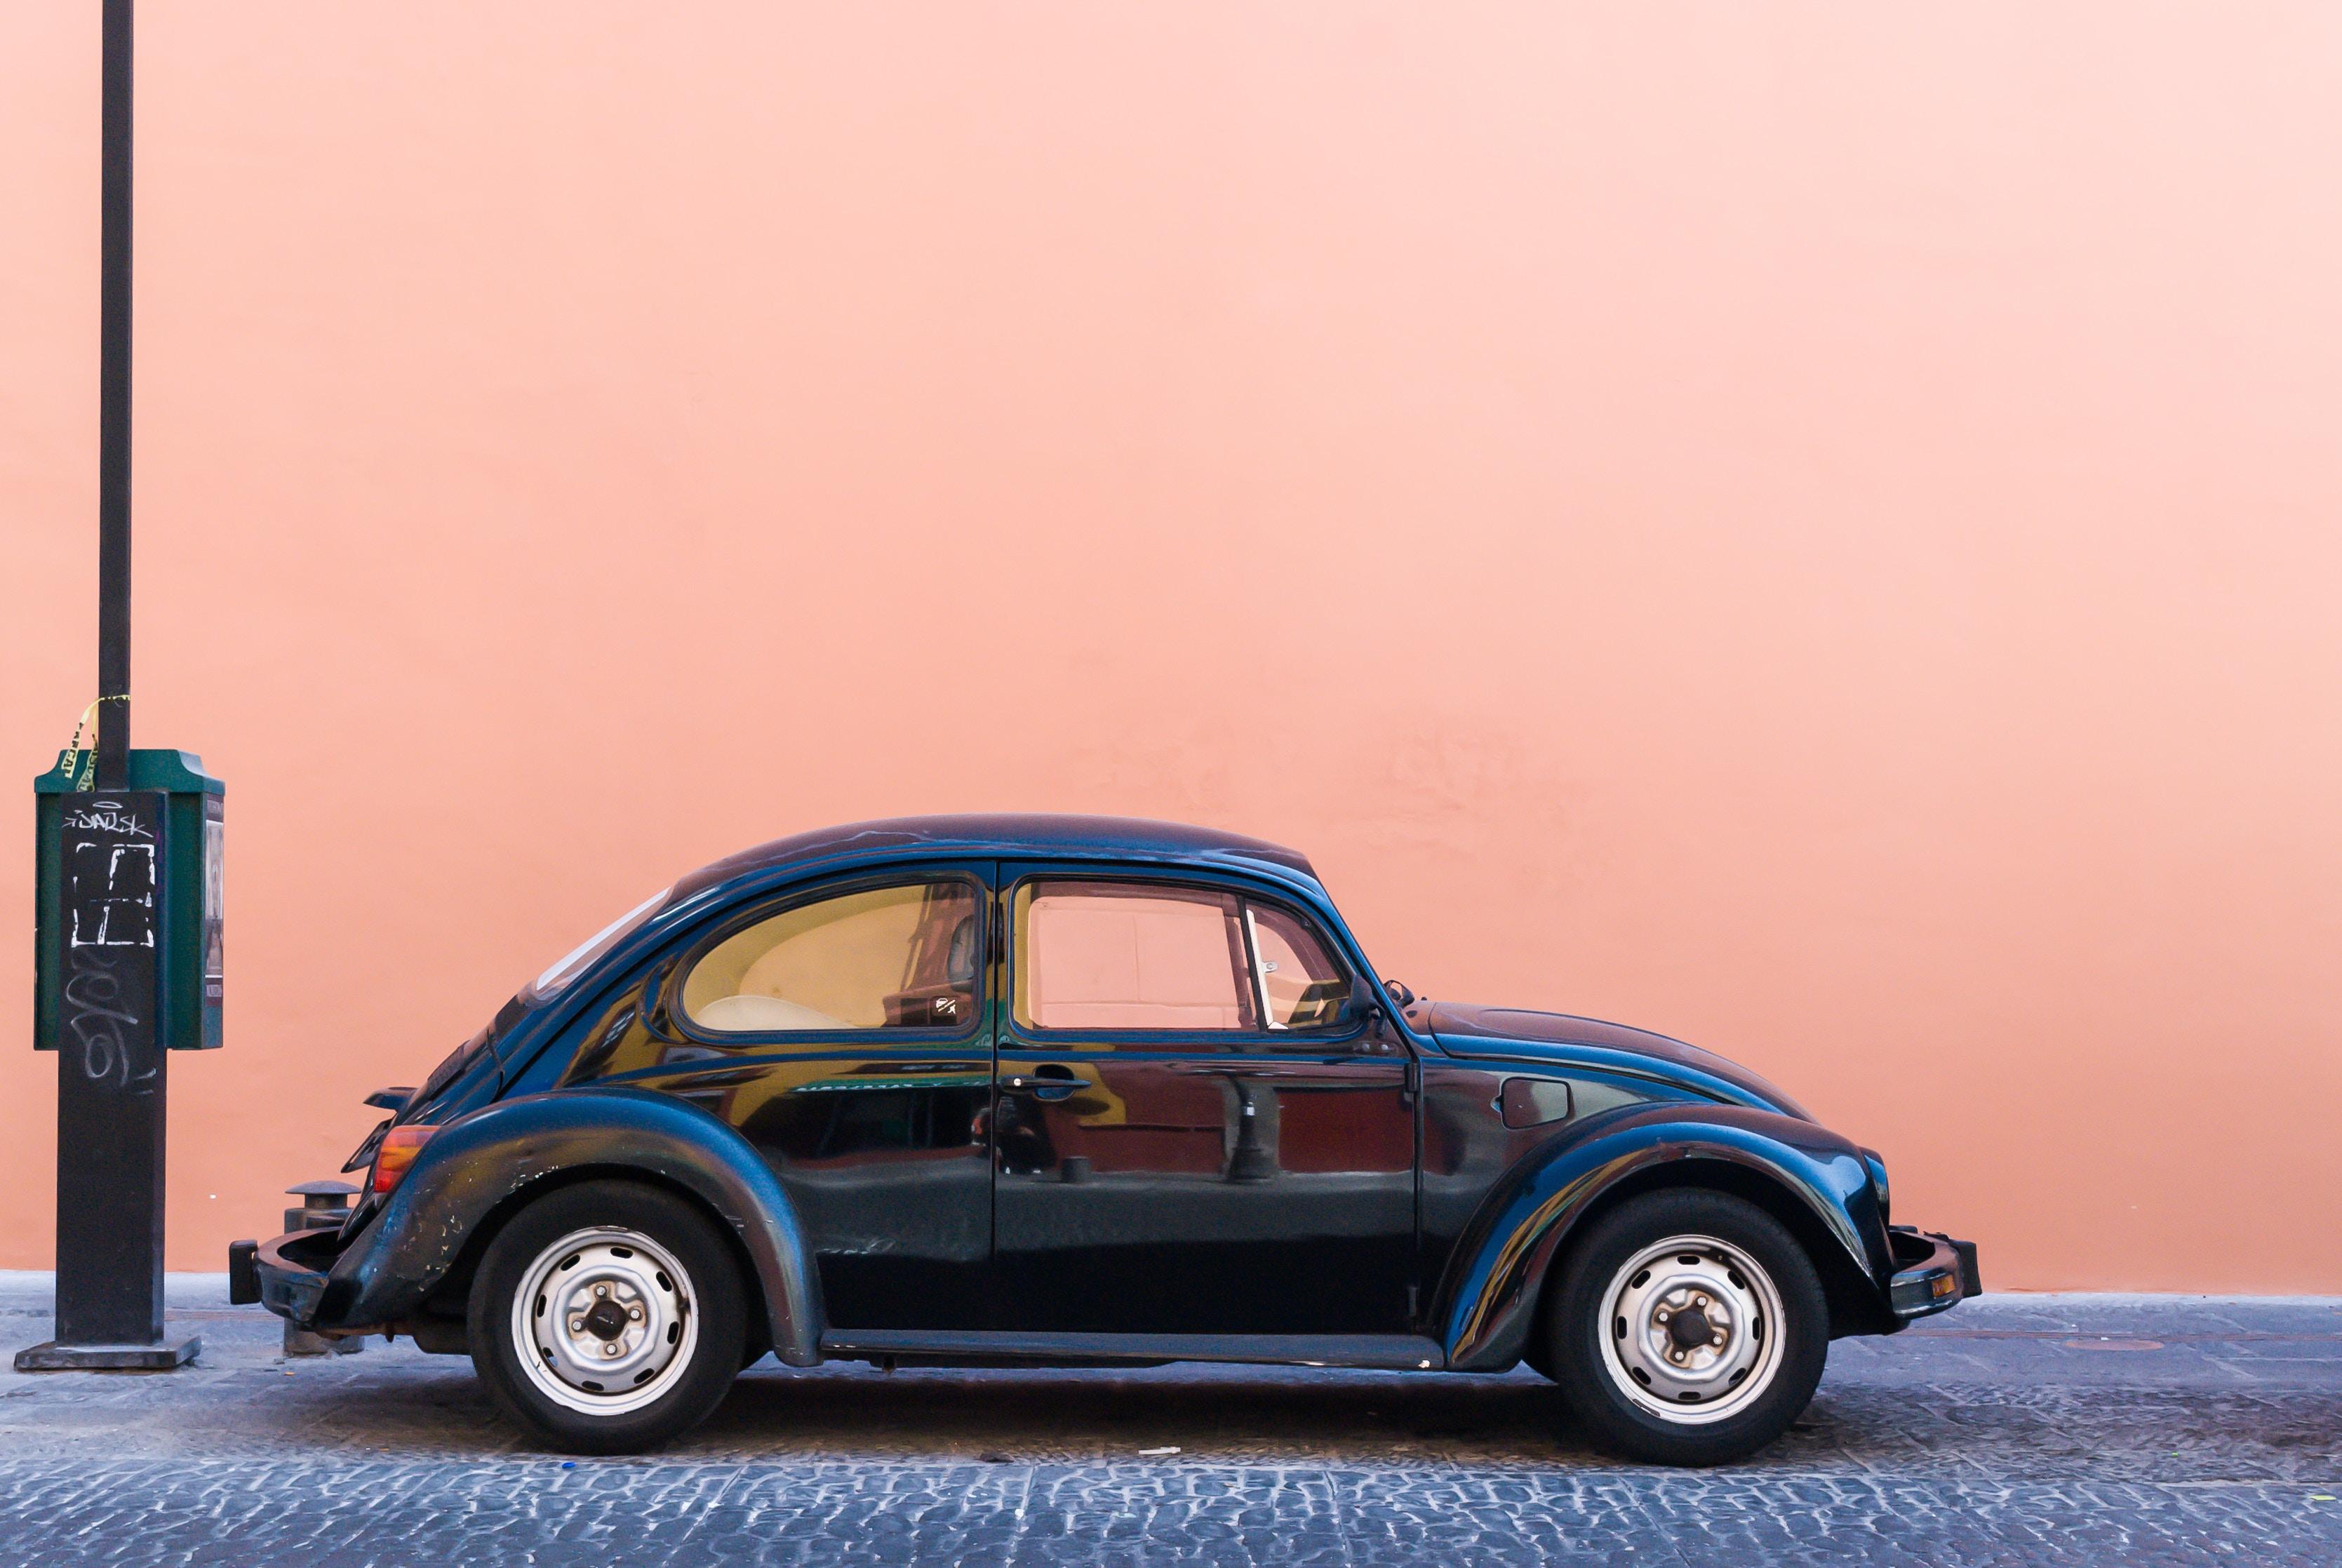 Dla millenialsów samochód to prestiż – raport o transporcie